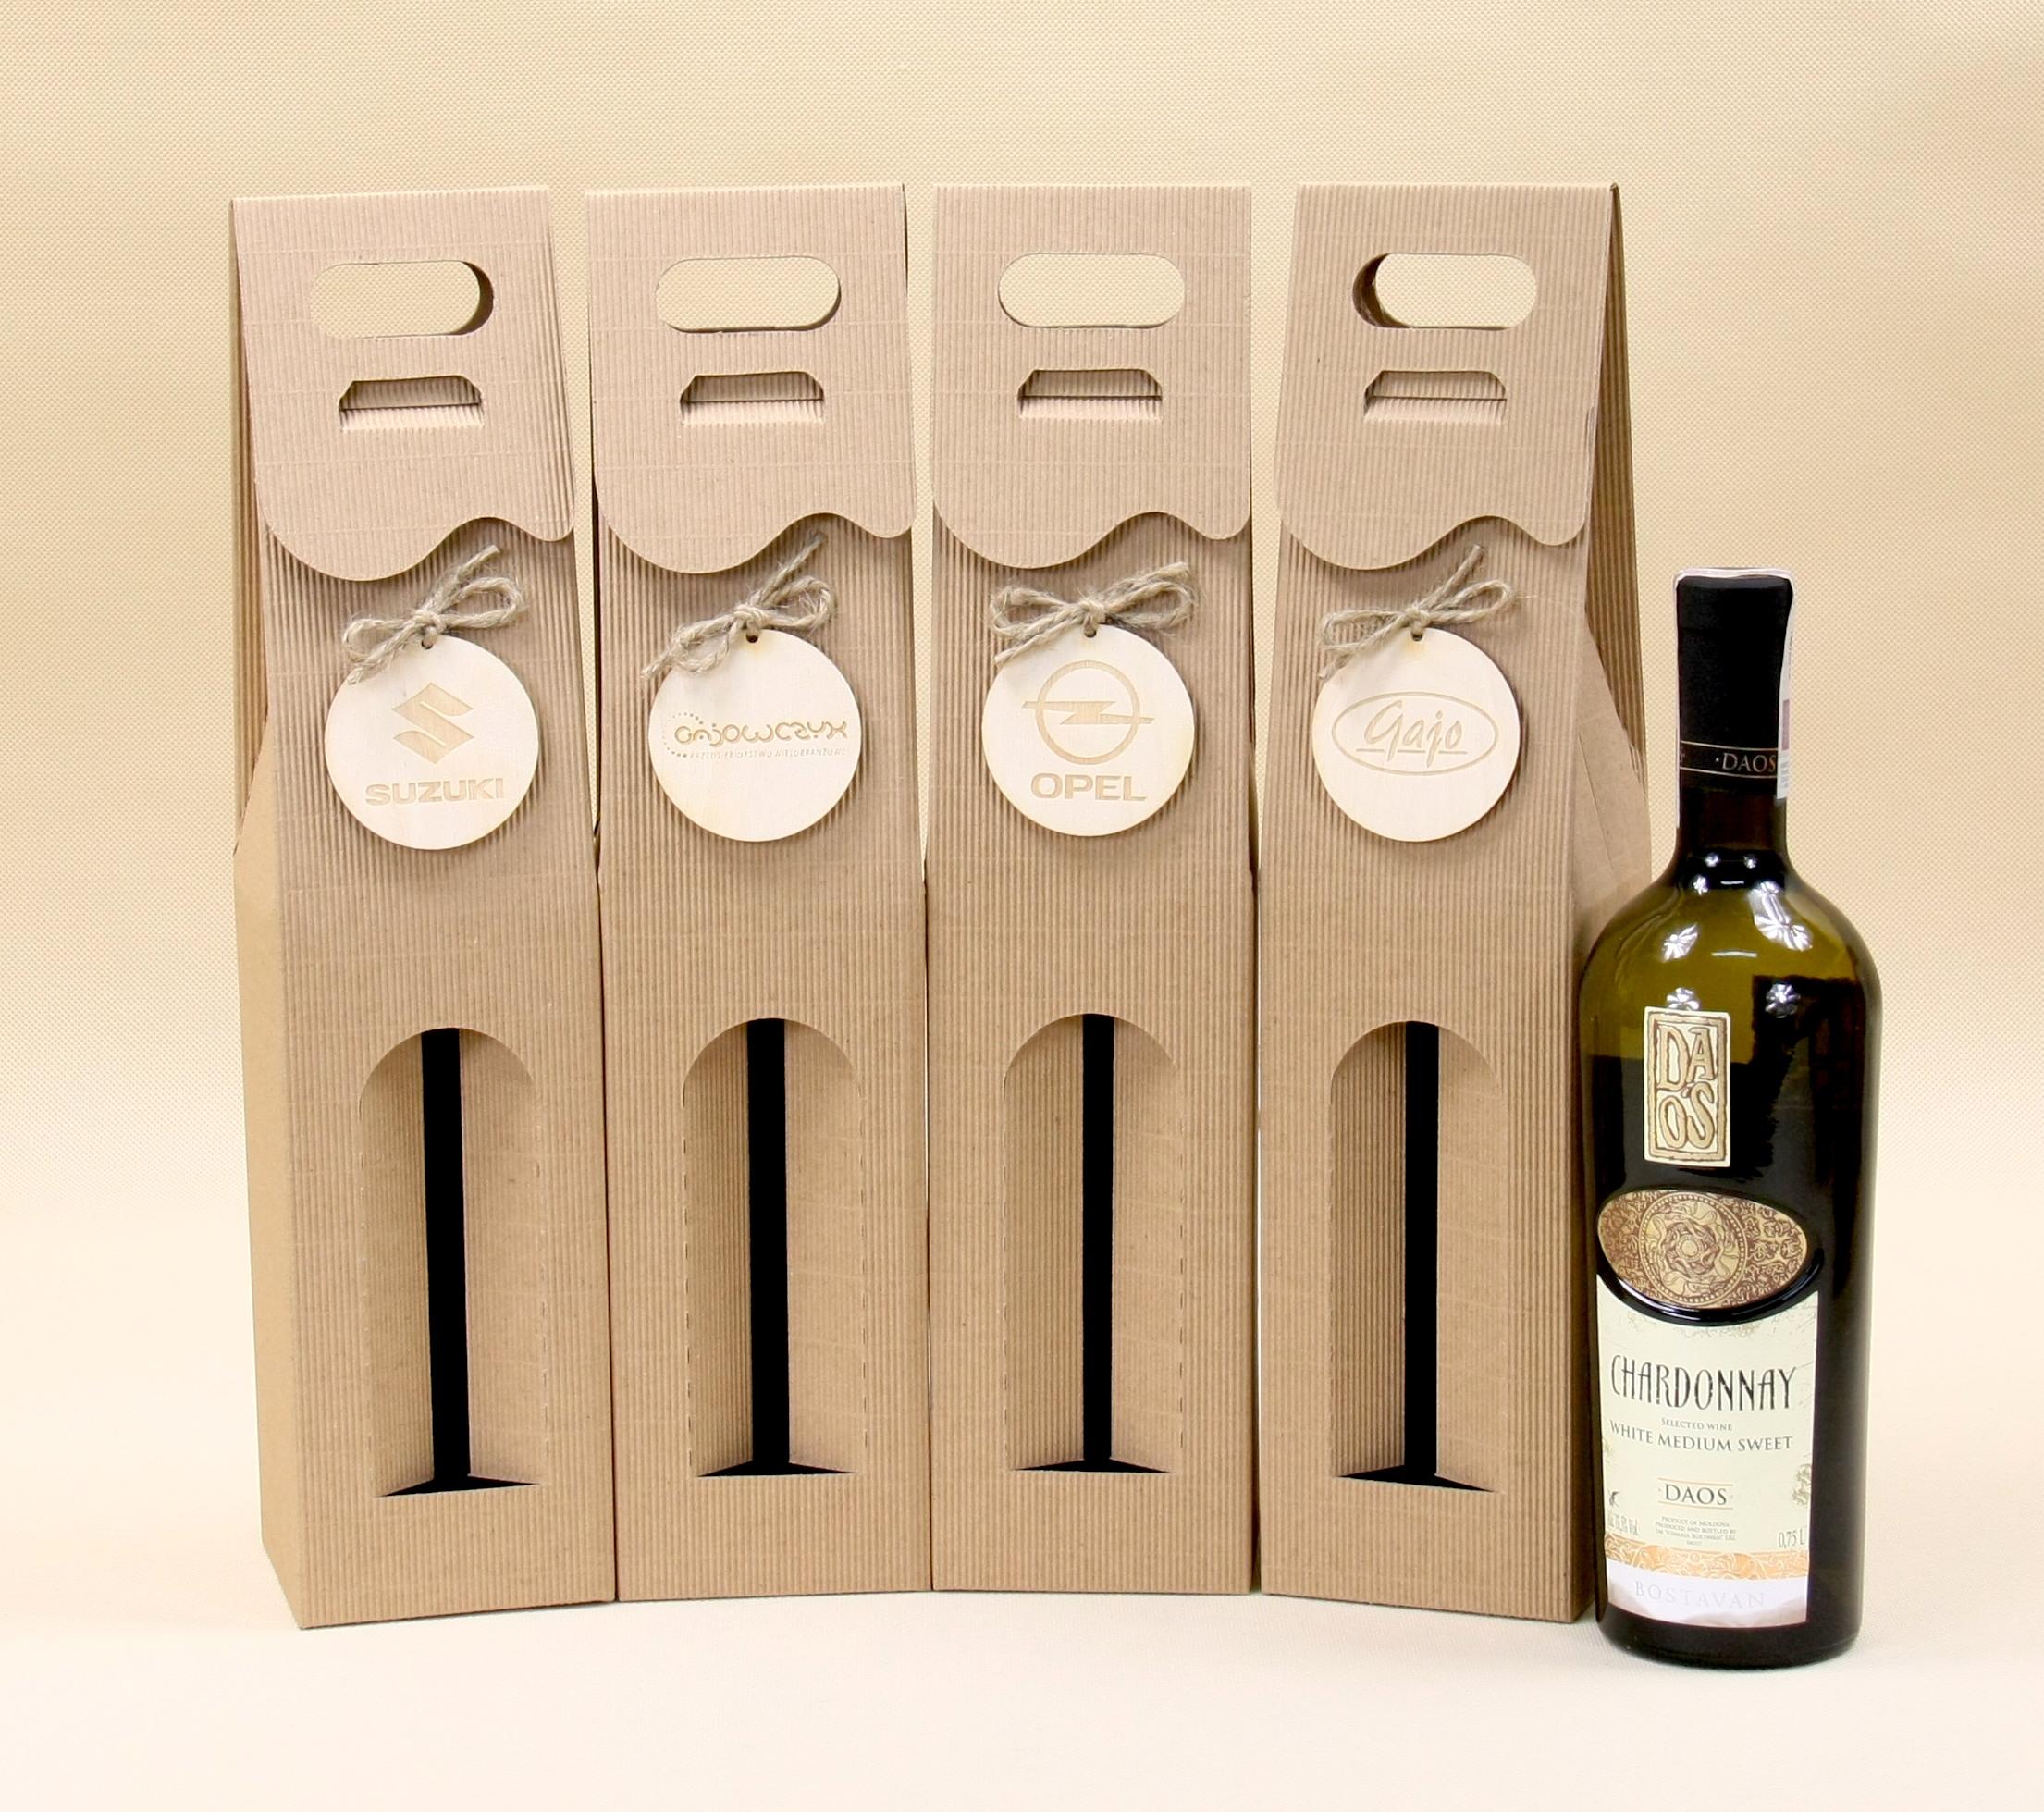 Pudełko na wino z logo